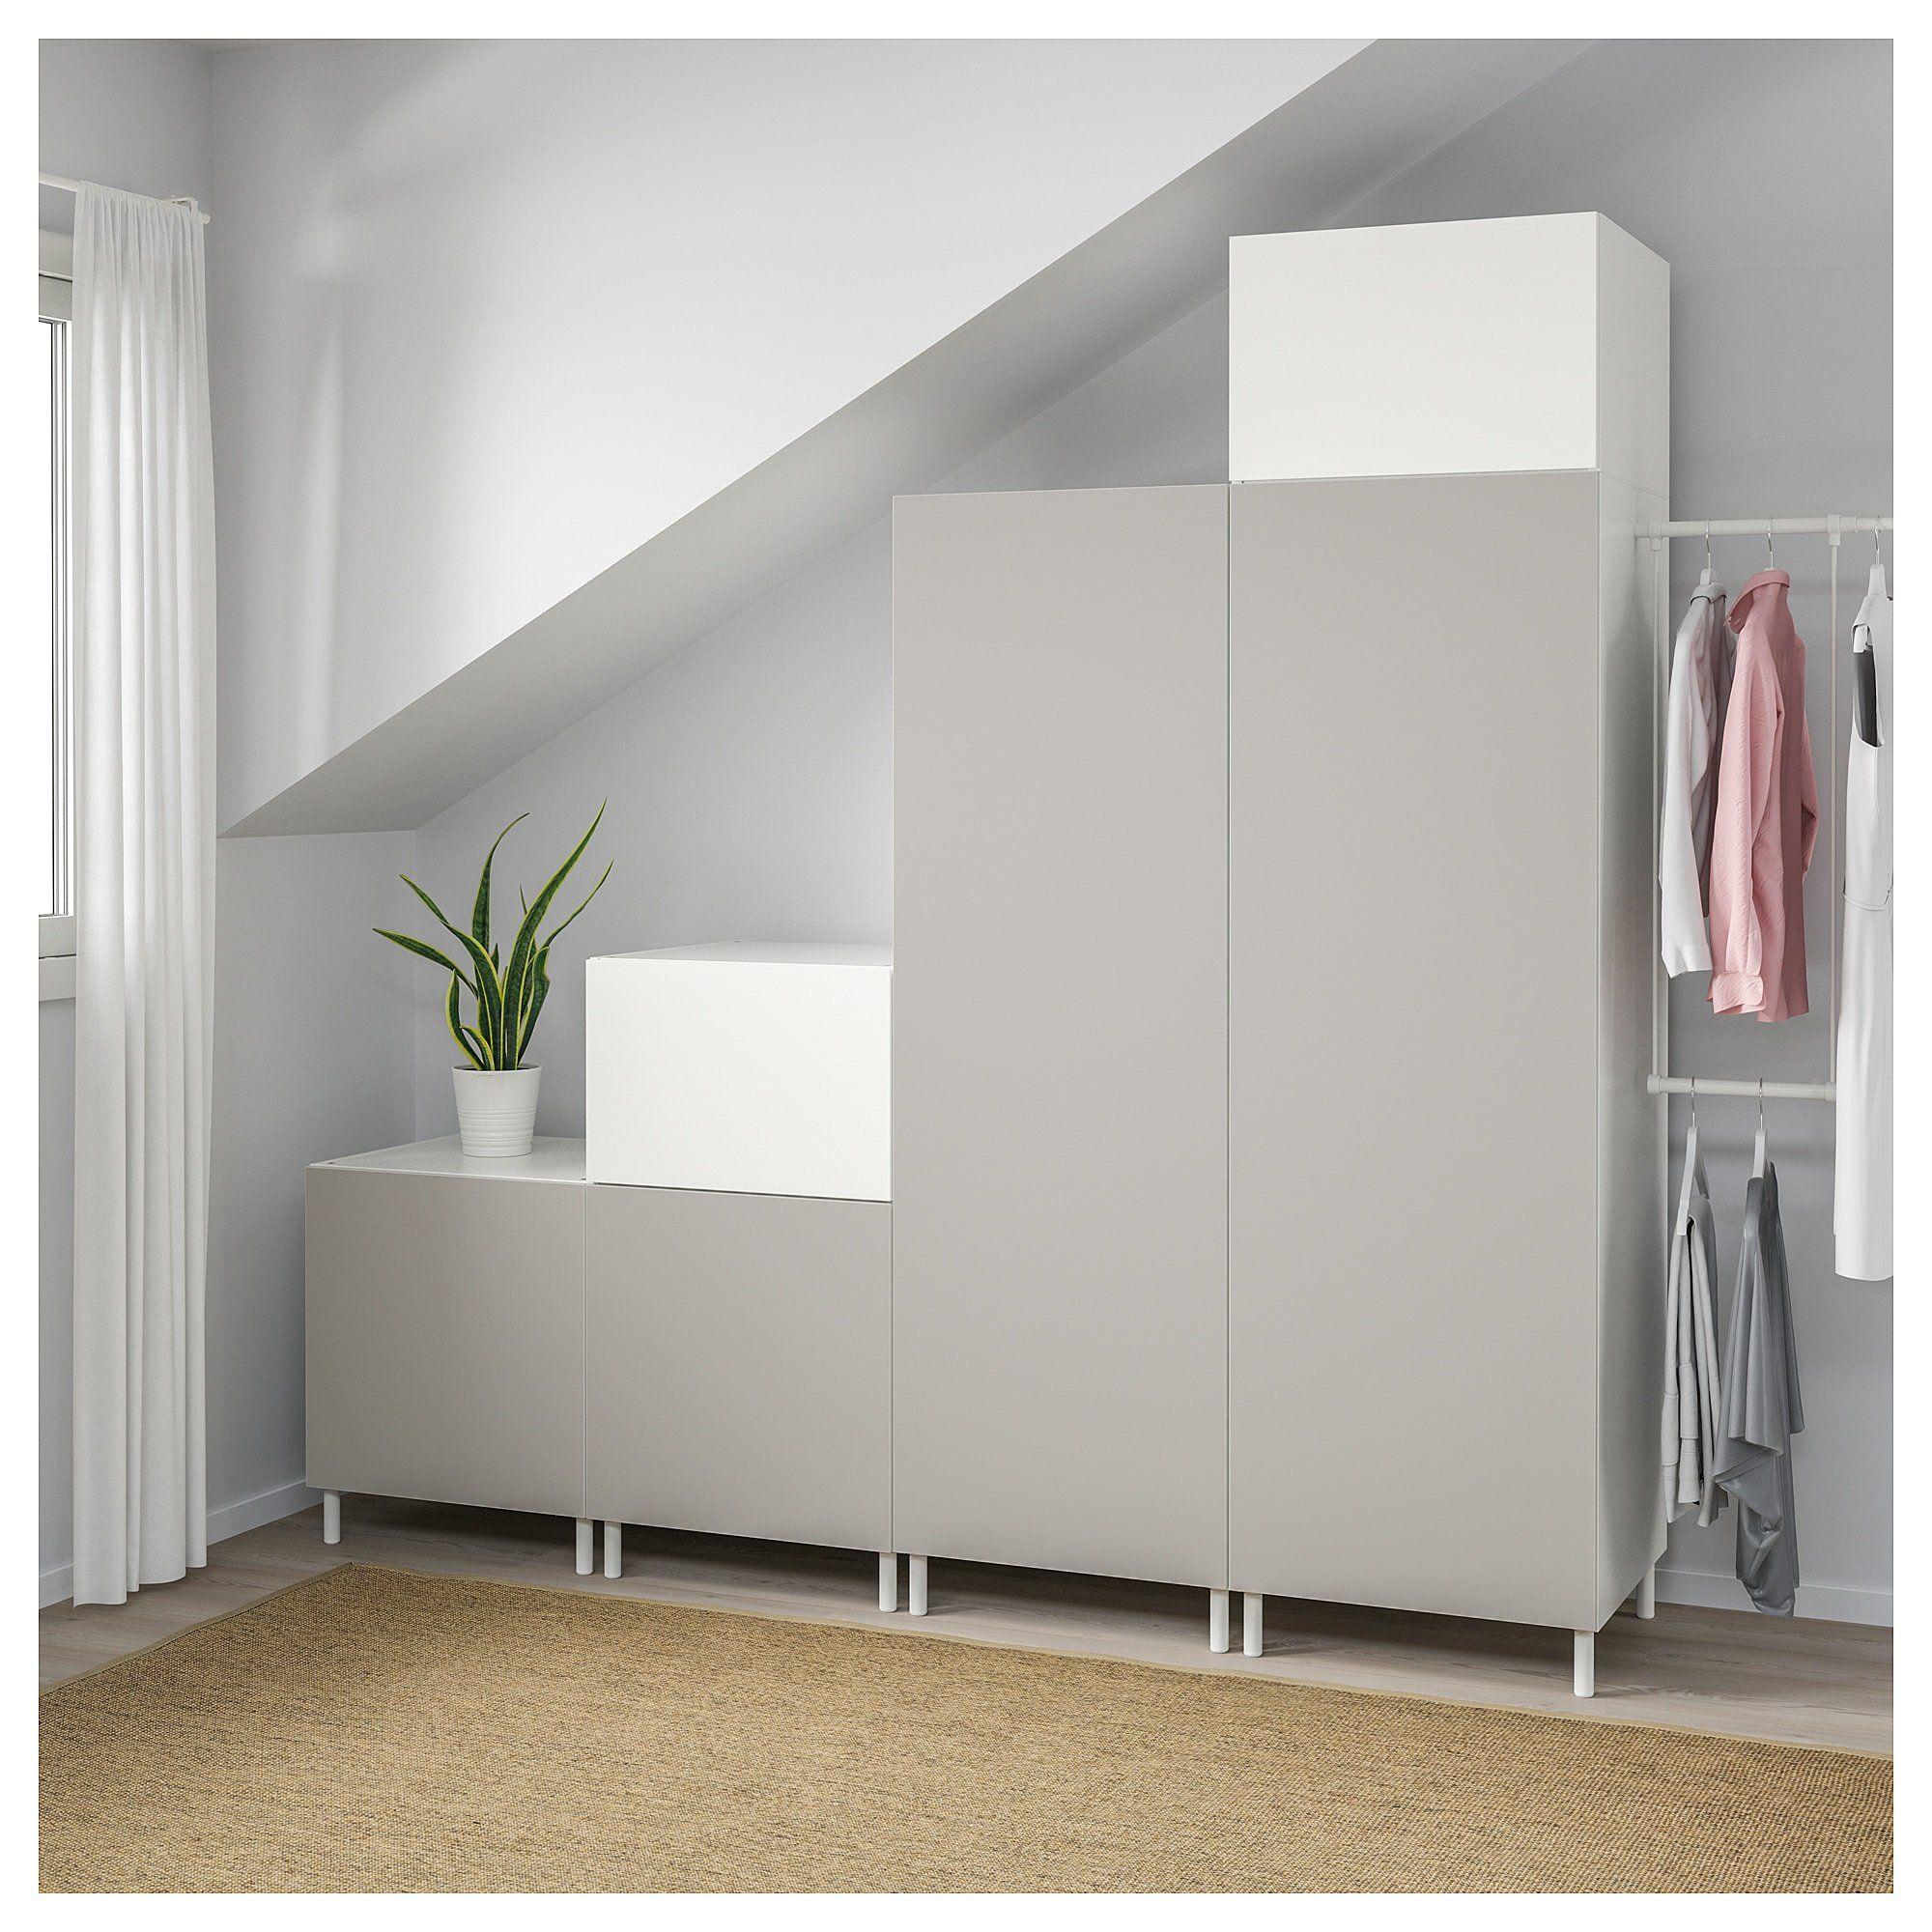 Platsa Kleiderschrank Weiss Fonnes Skatval Hellgrau Ikea In